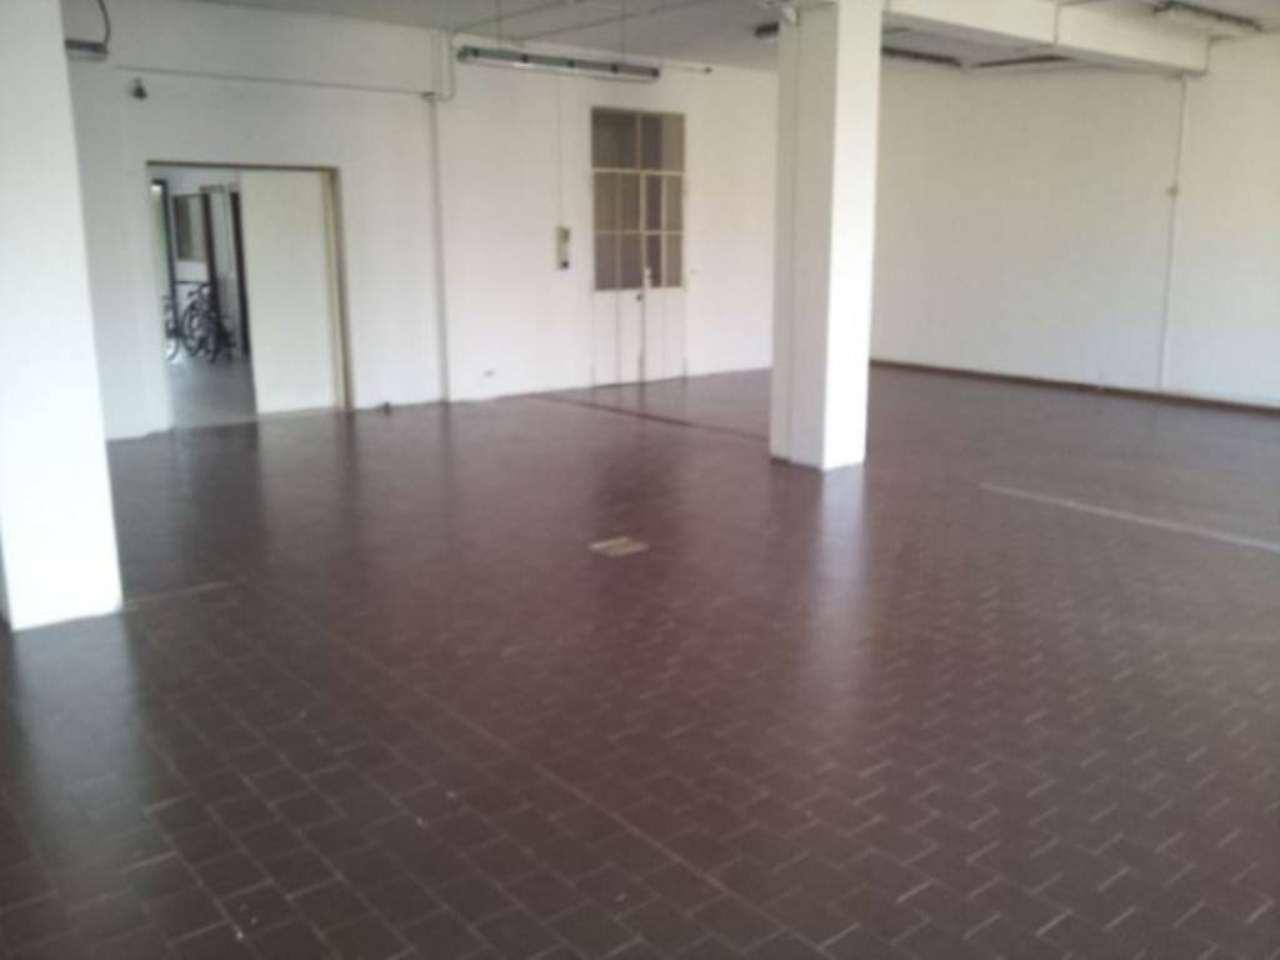 Ufficio / Studio in affitto a Cantù, 6 locali, prezzo € 900 | PortaleAgenzieImmobiliari.it